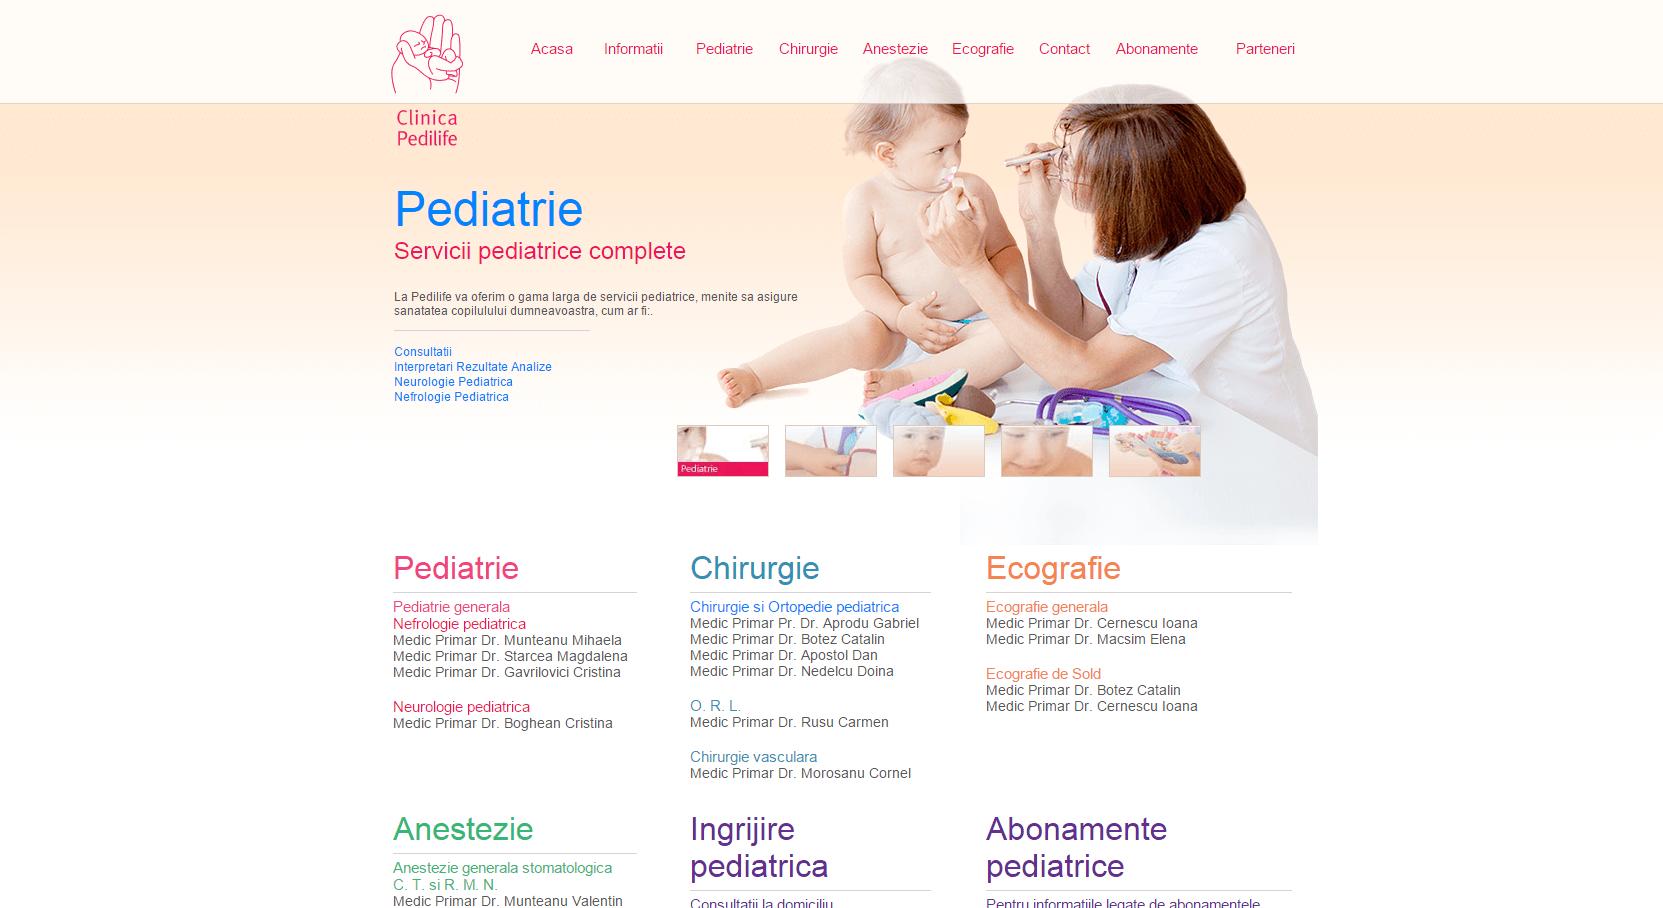 Pedilife clinica pediatrica echografie de sold chirurgie pediatrica ecografie Aprodu Gabriel